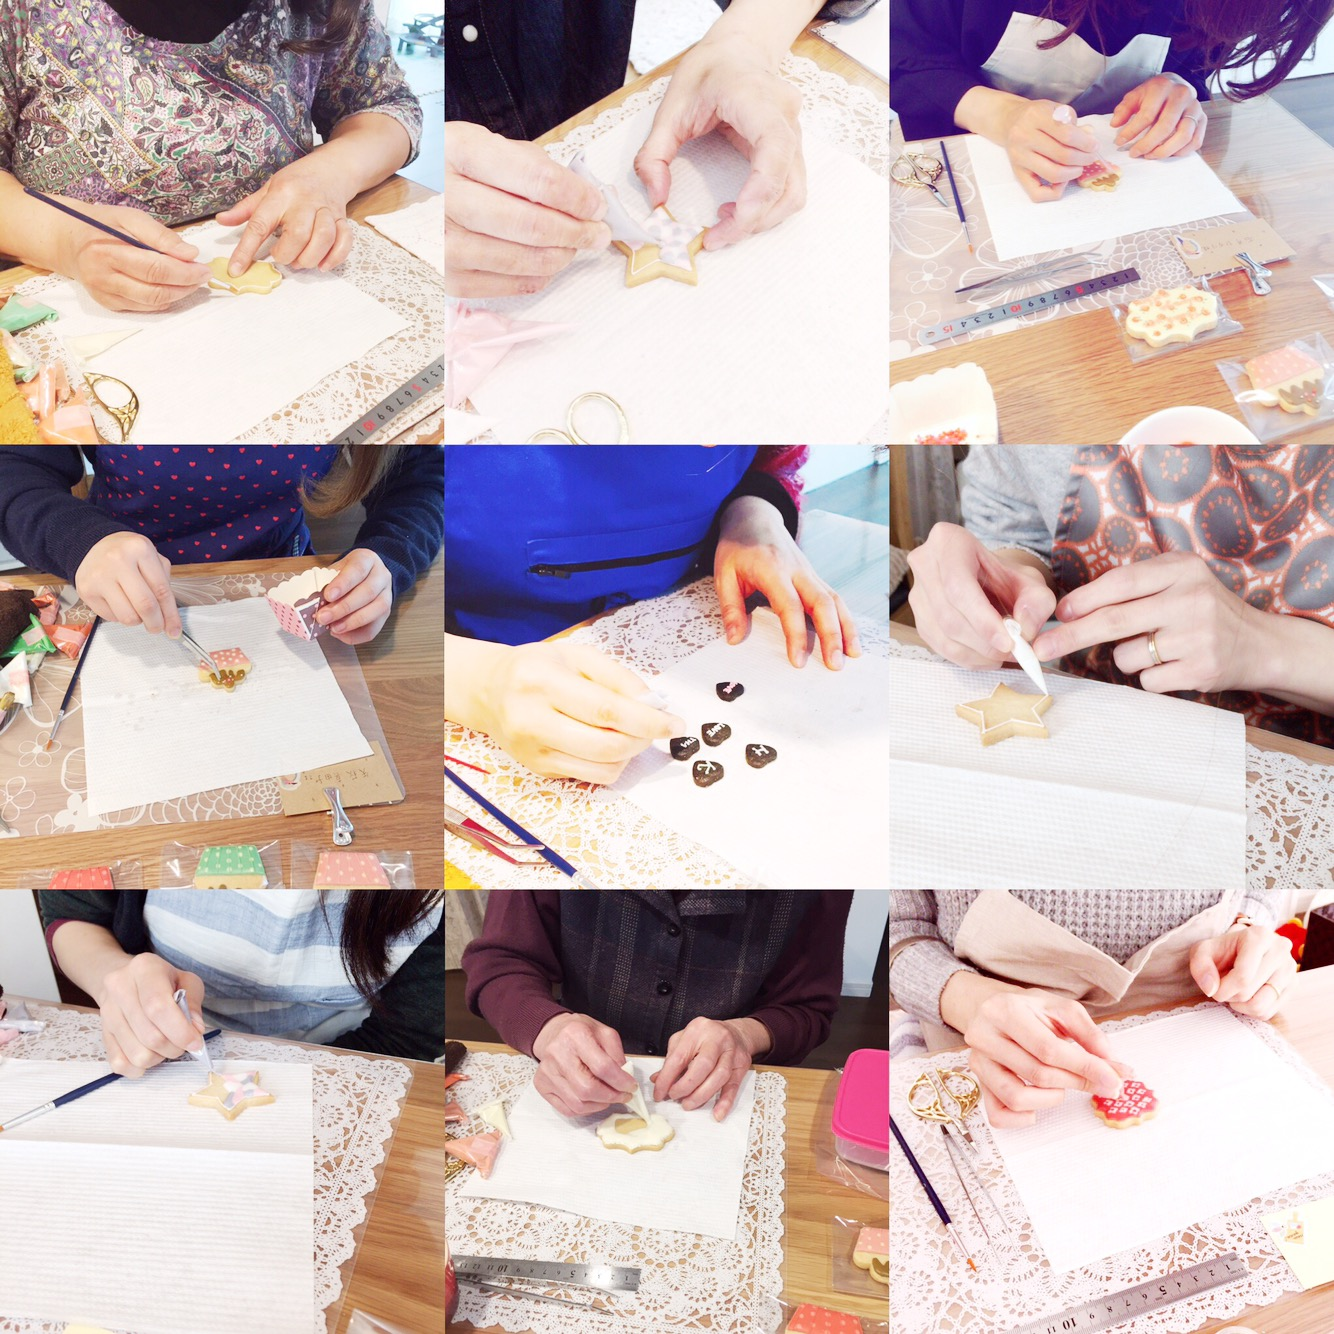 アイシングクッキー教室 Haru sweet イメージ3